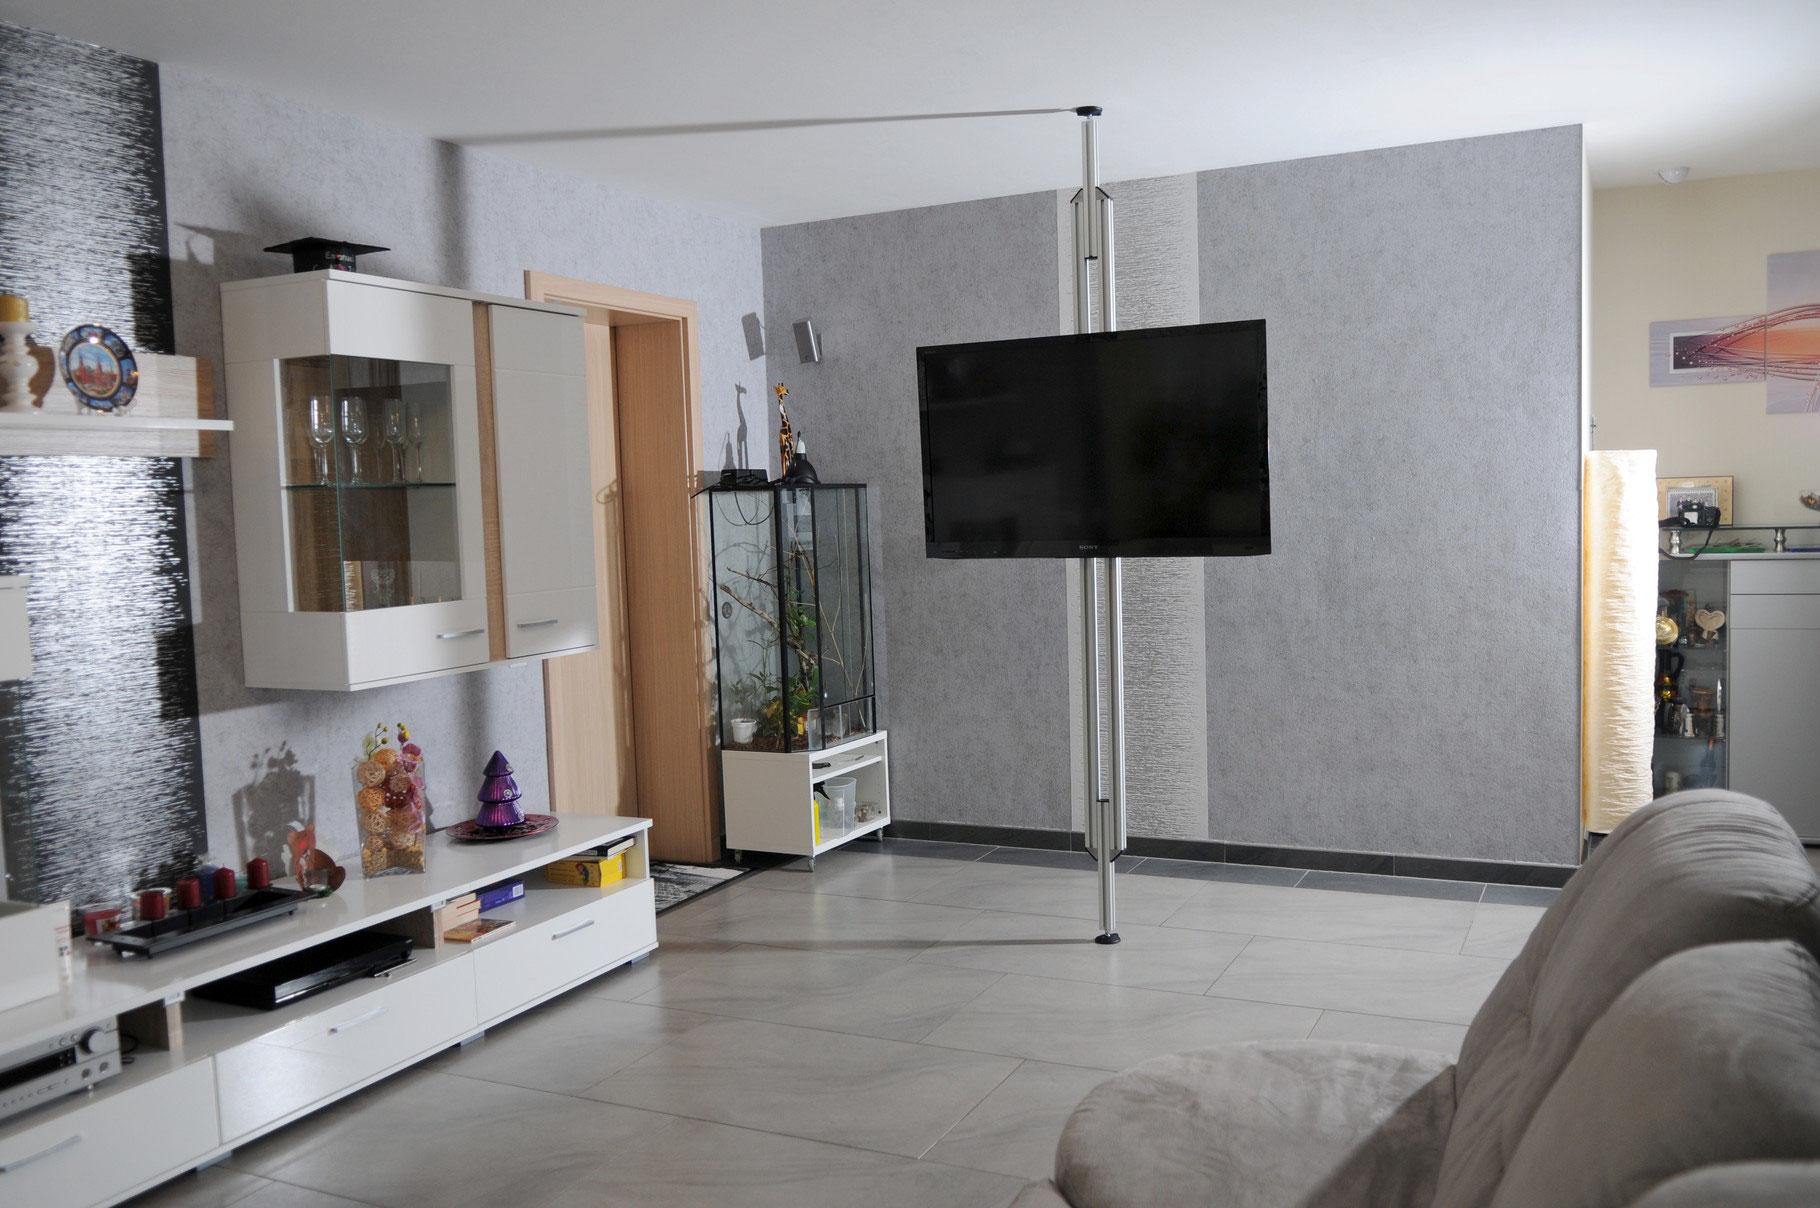 alle tv stangen von uniprof24 sind klemmstangen ohne bohren oder schrauben uni prof 24. Black Bedroom Furniture Sets. Home Design Ideas